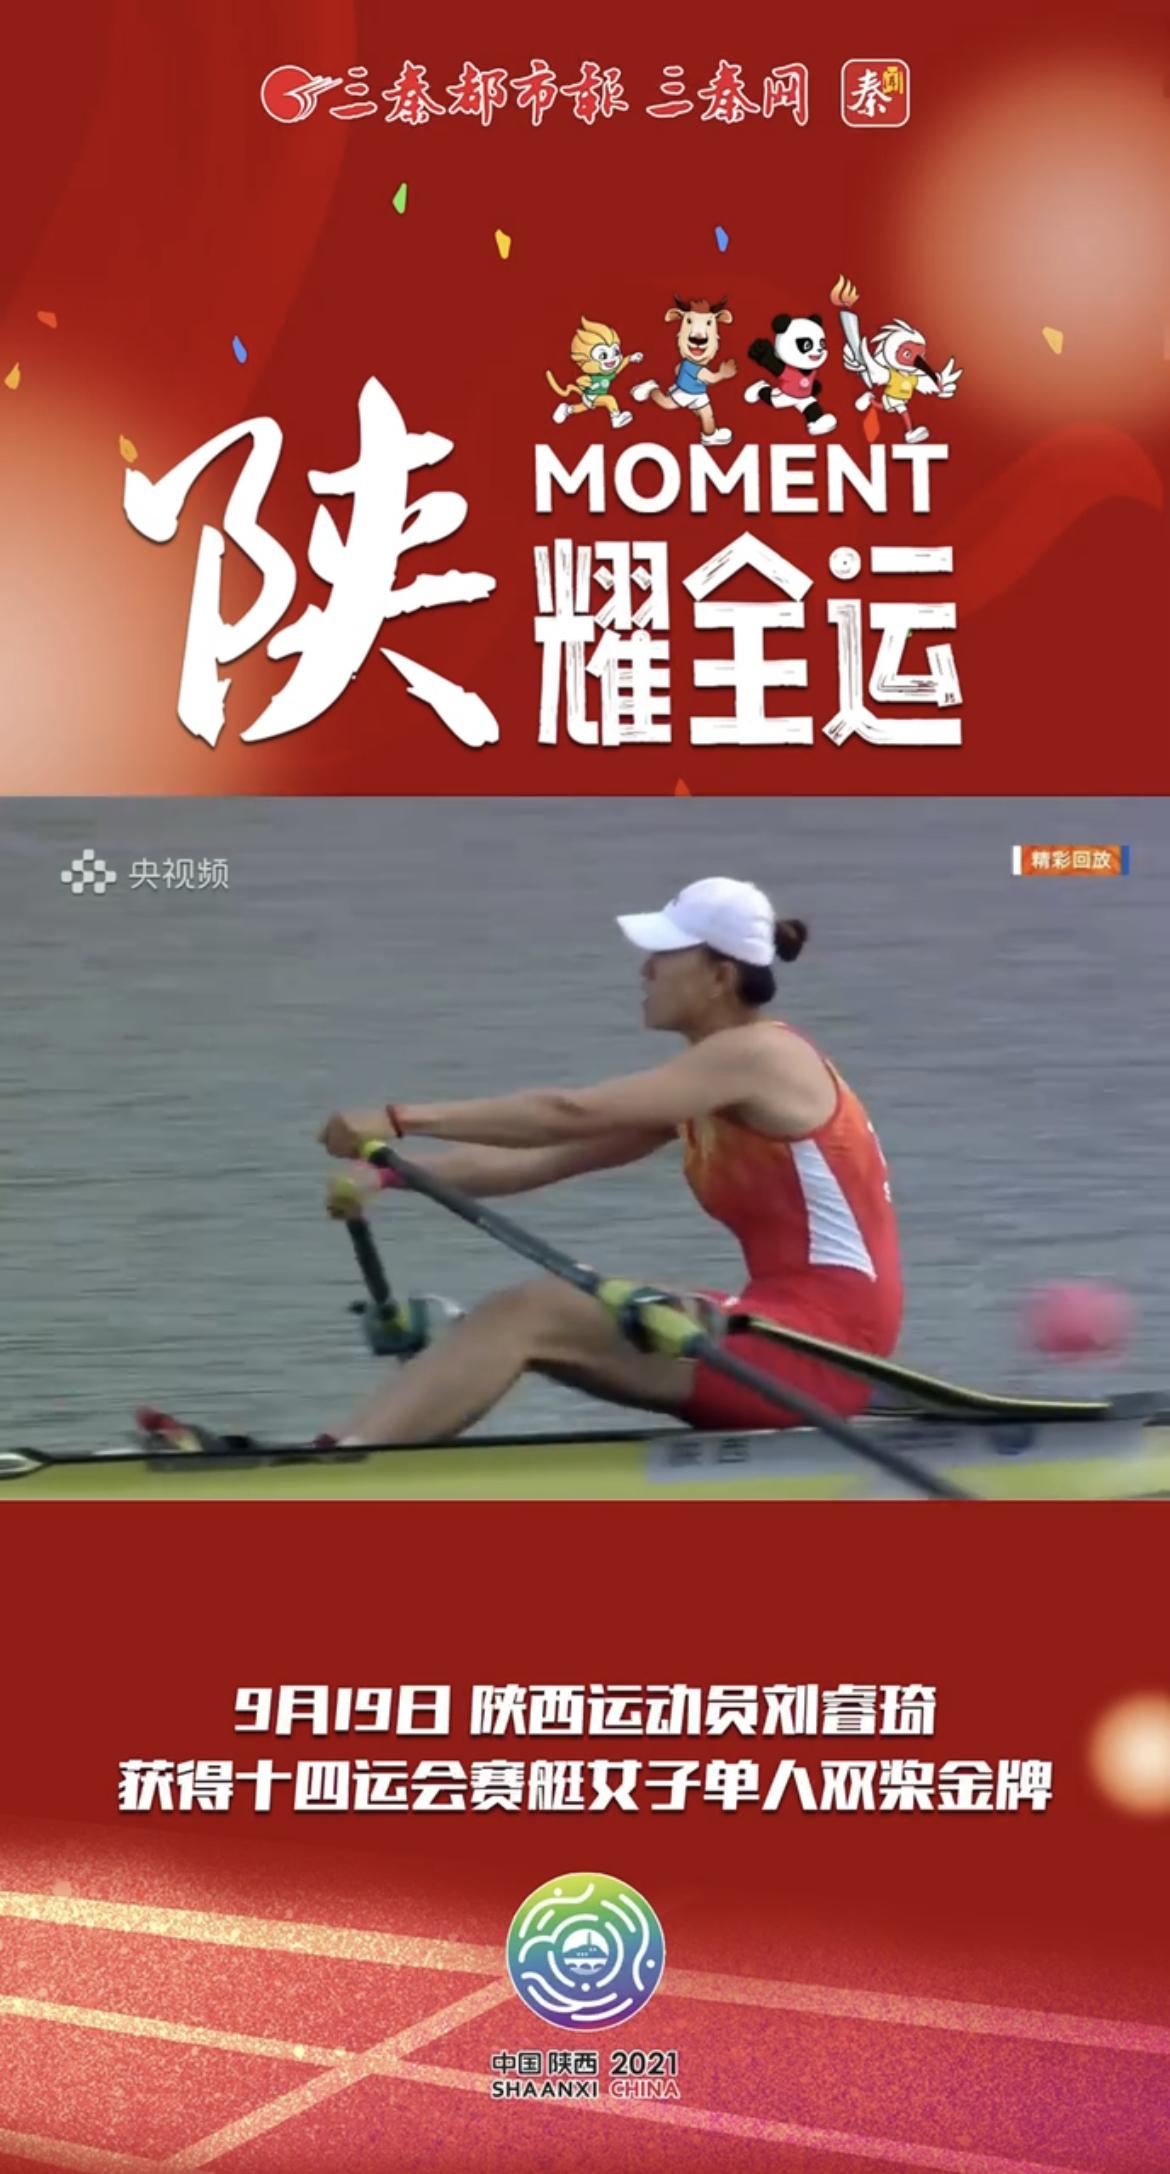 陕西运动员刘睿琦获得十四运会赛艇女子单人双桨金牌